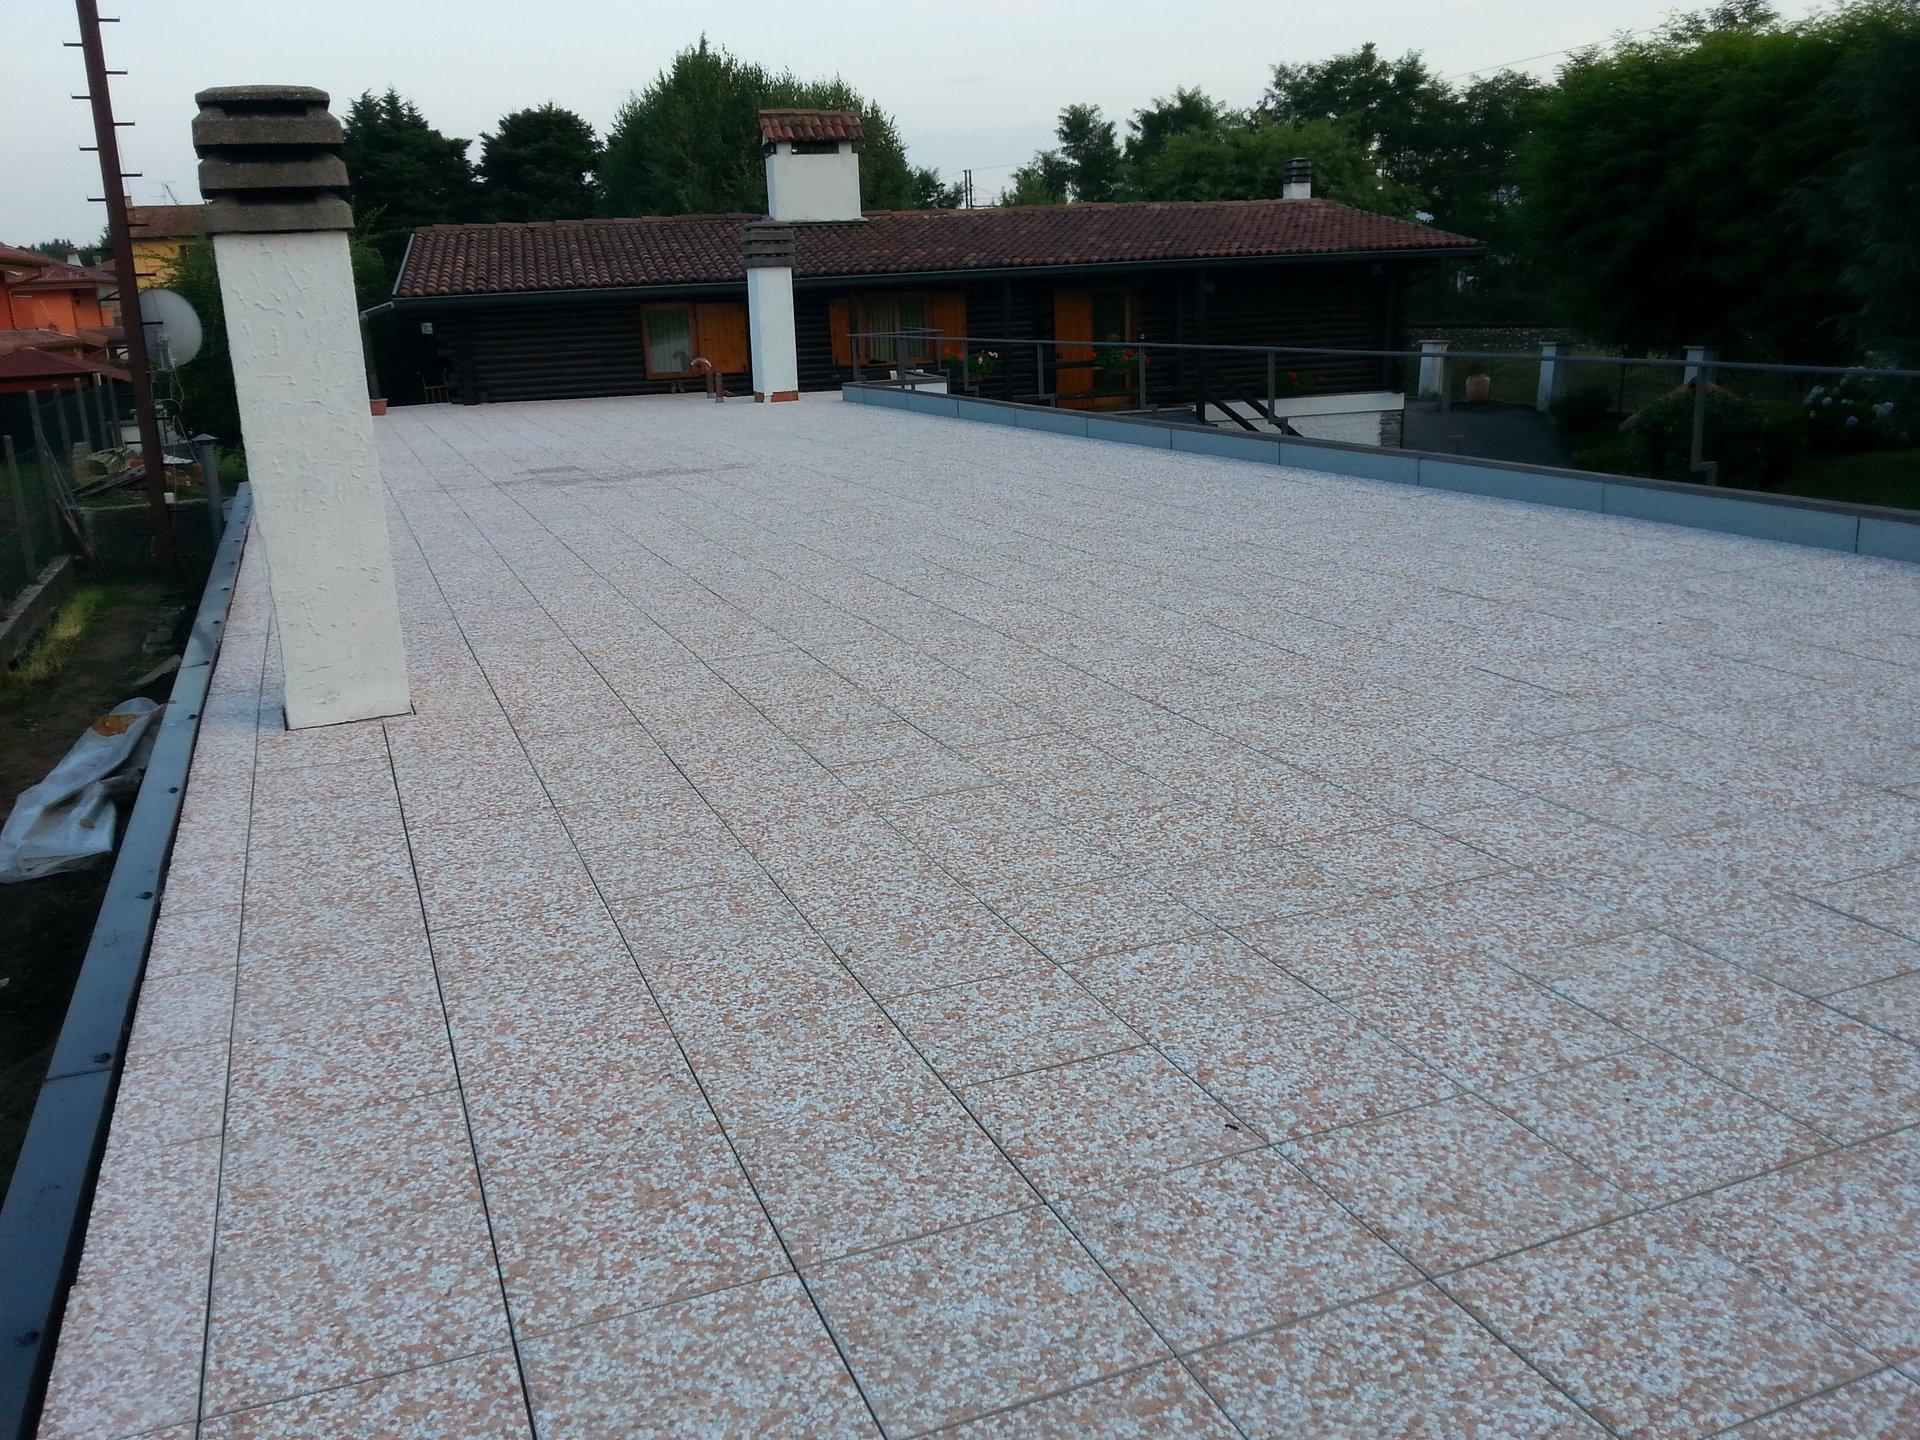 pavimentazione del tetto impermeabilizzata